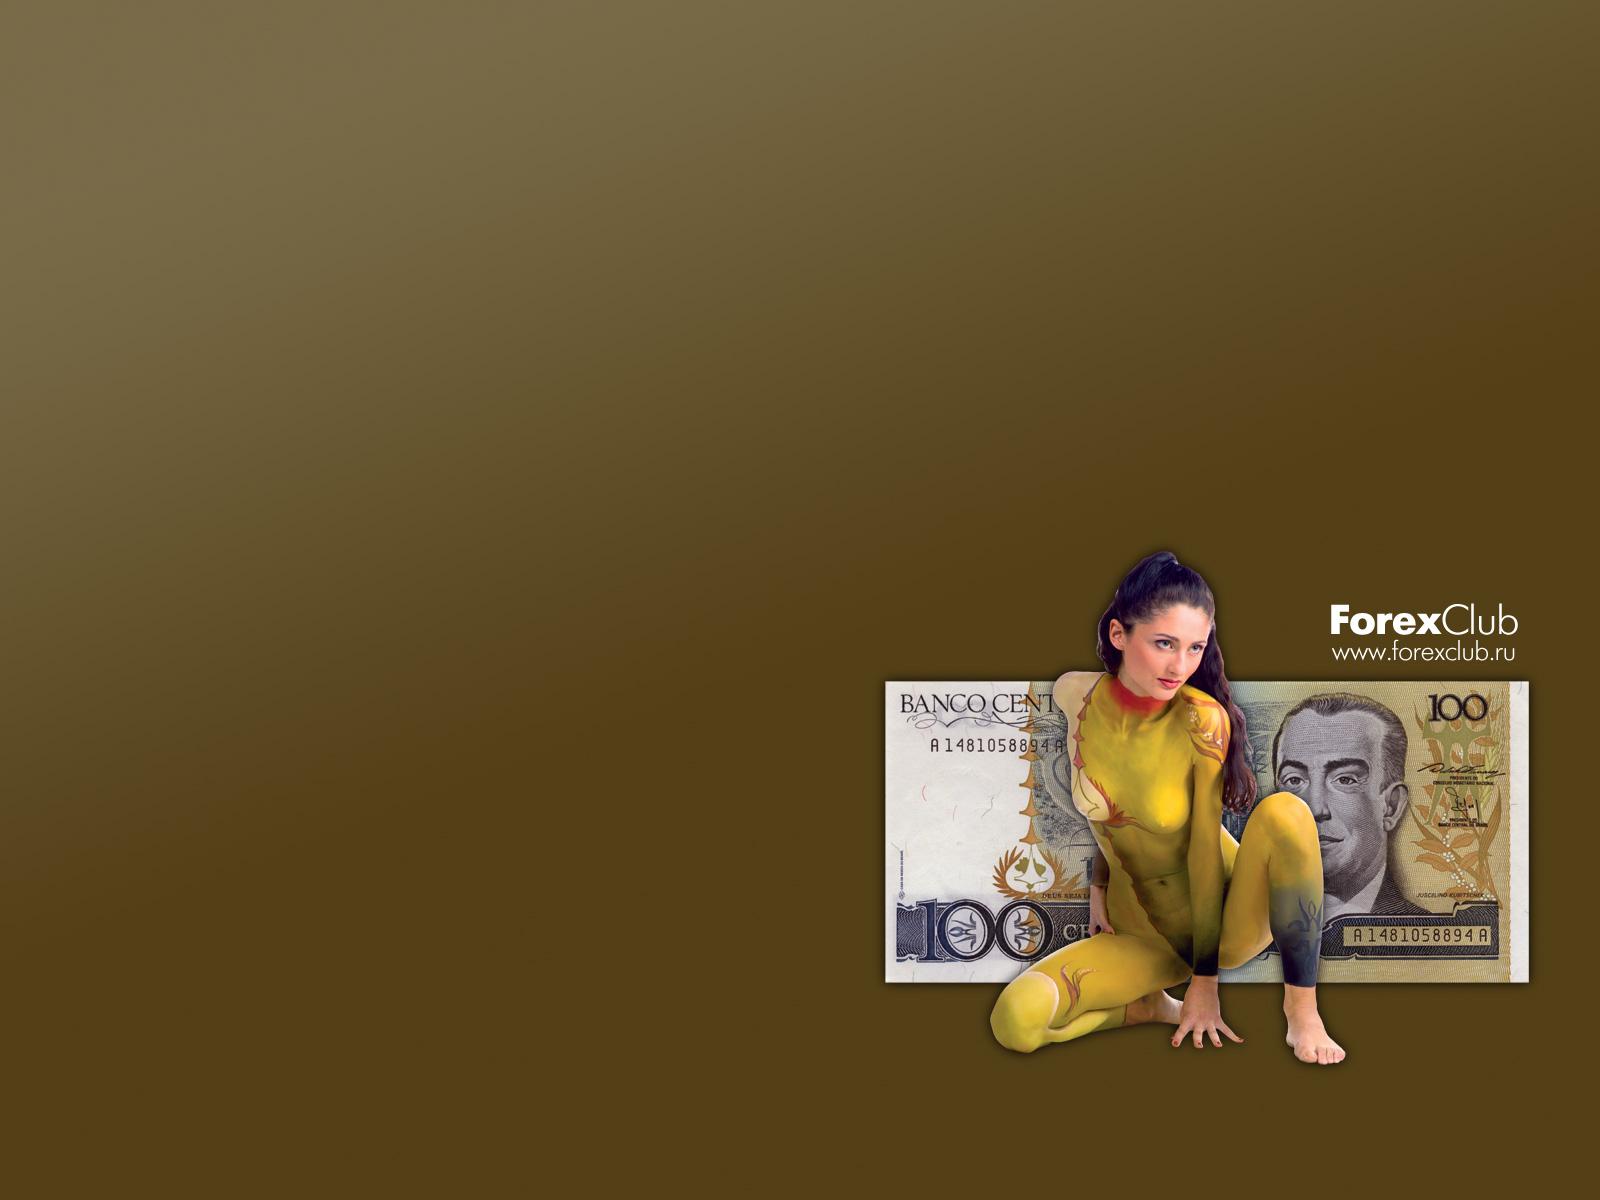 Обои форекс клуб форекс балансовый угол ганна